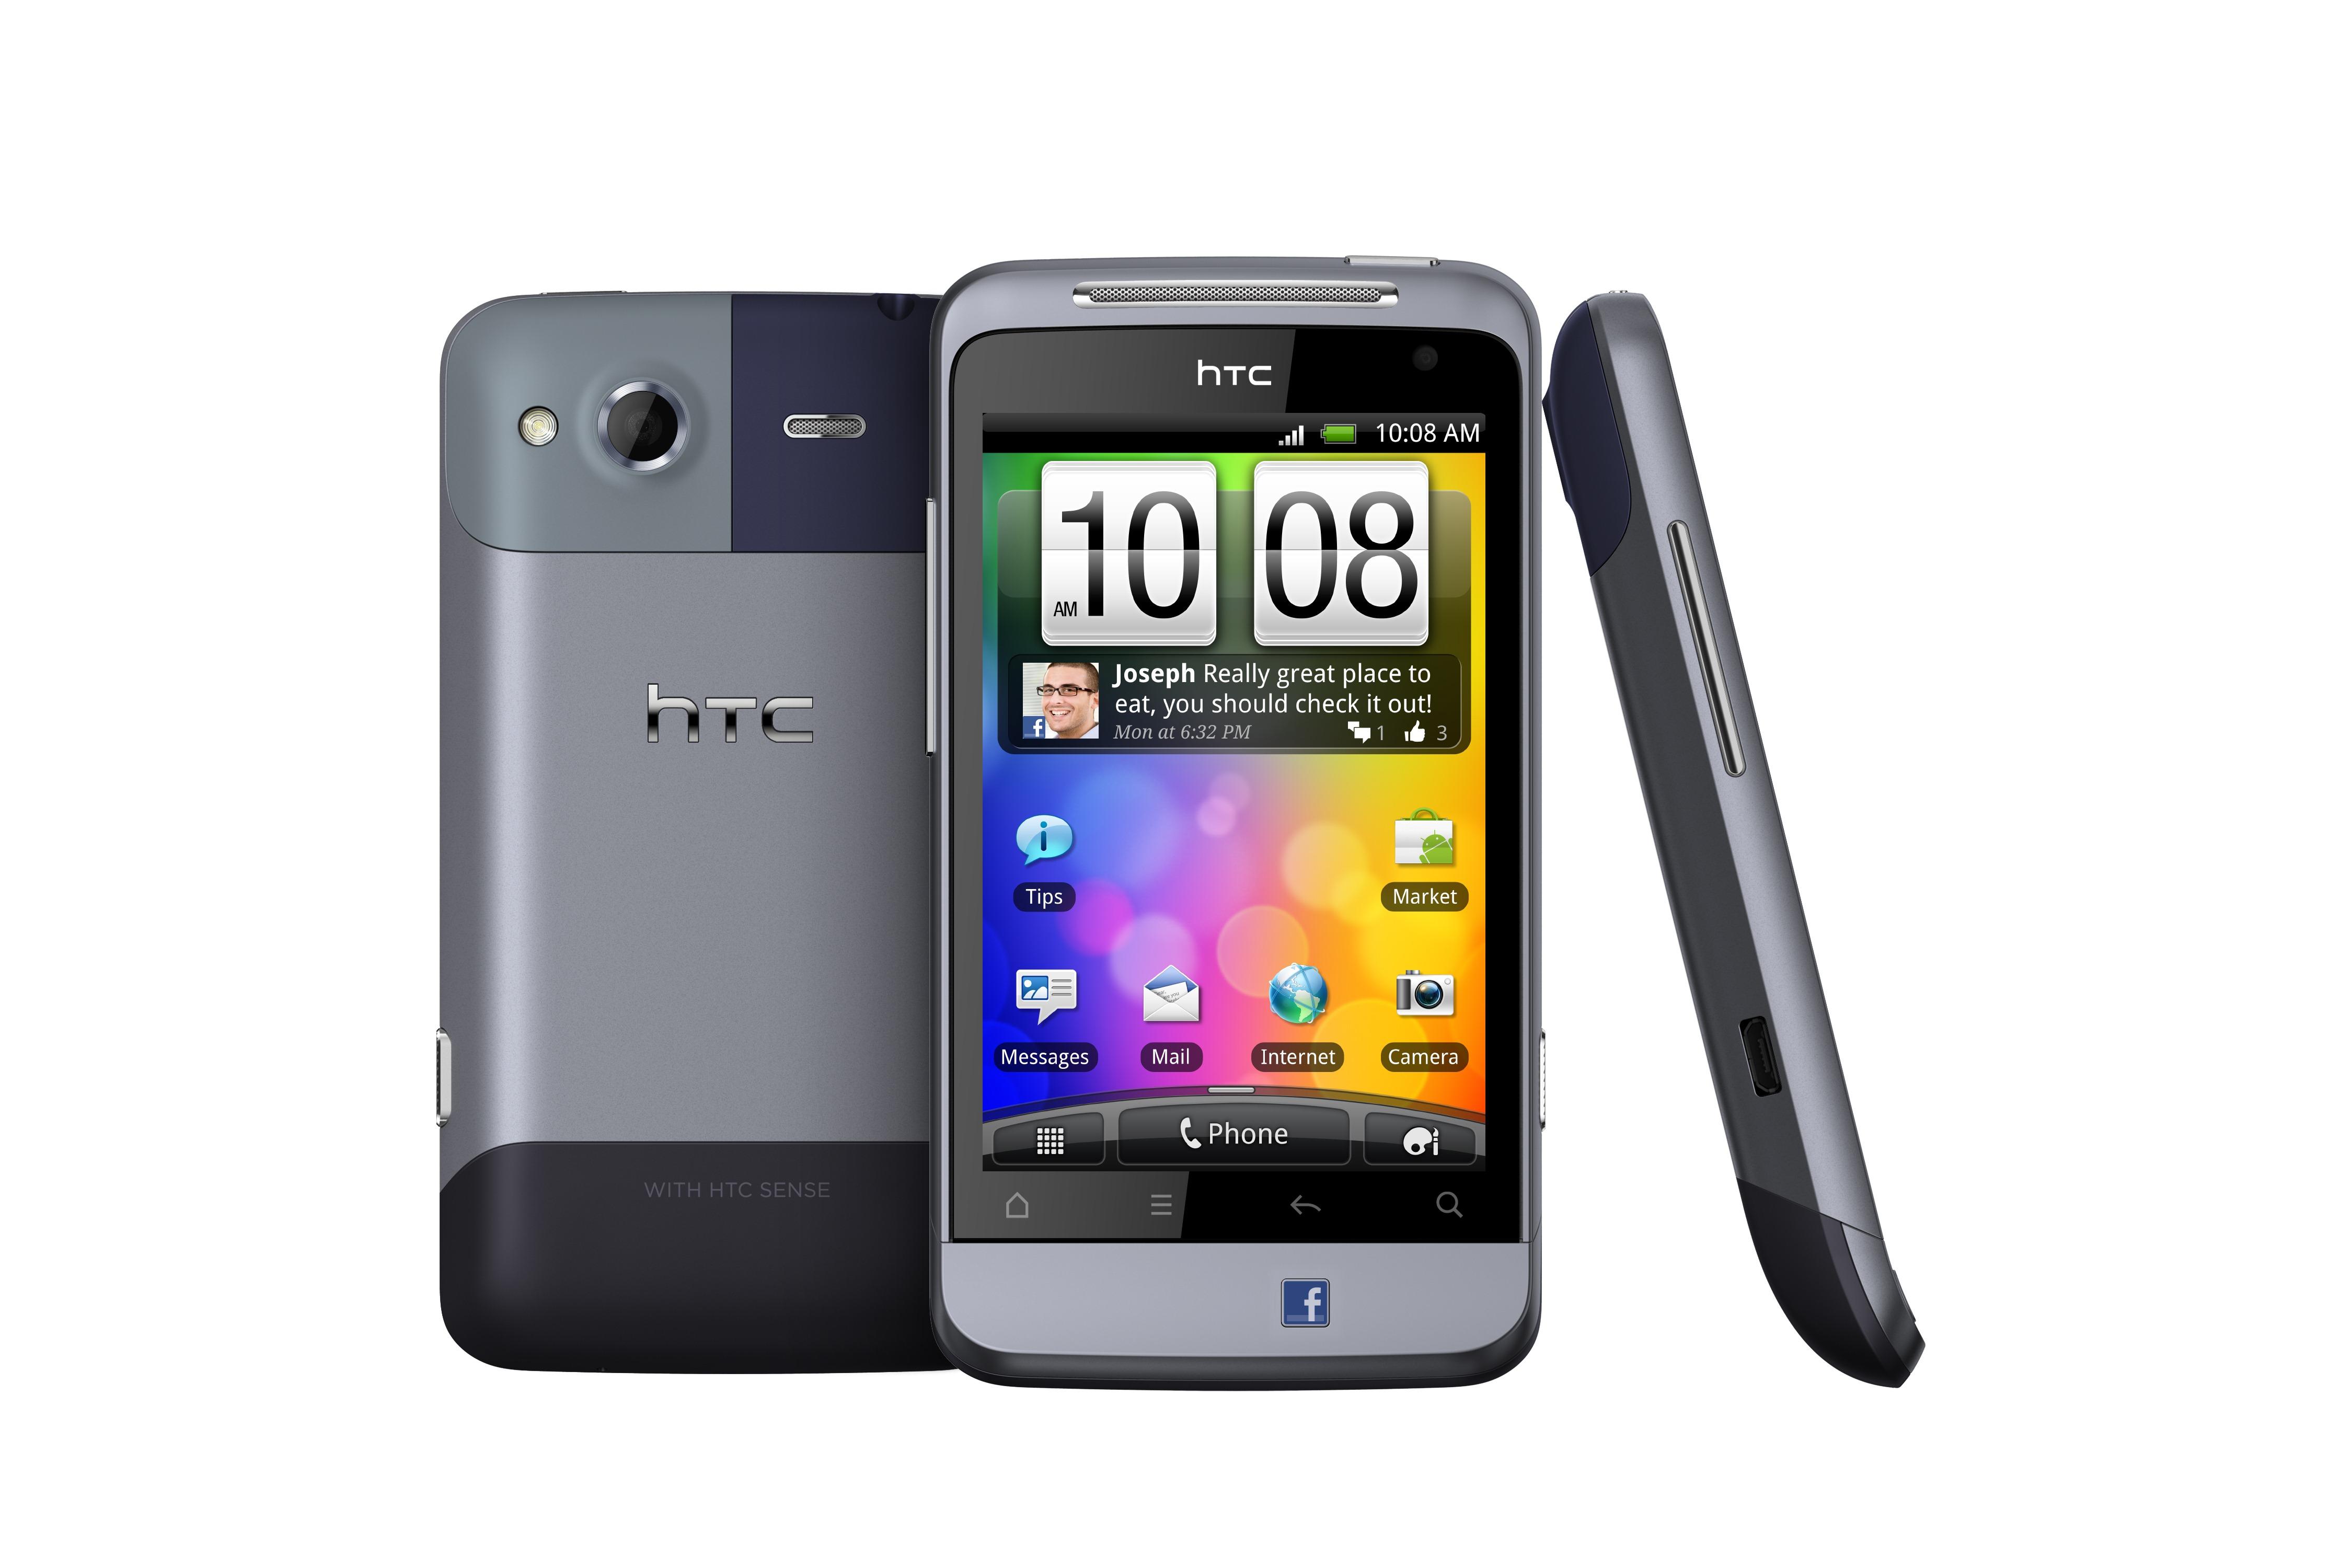 Scarica WhatsApp gratuitamente per HTC S740, SALSA, SENSATION XE, SENSATION XL 2